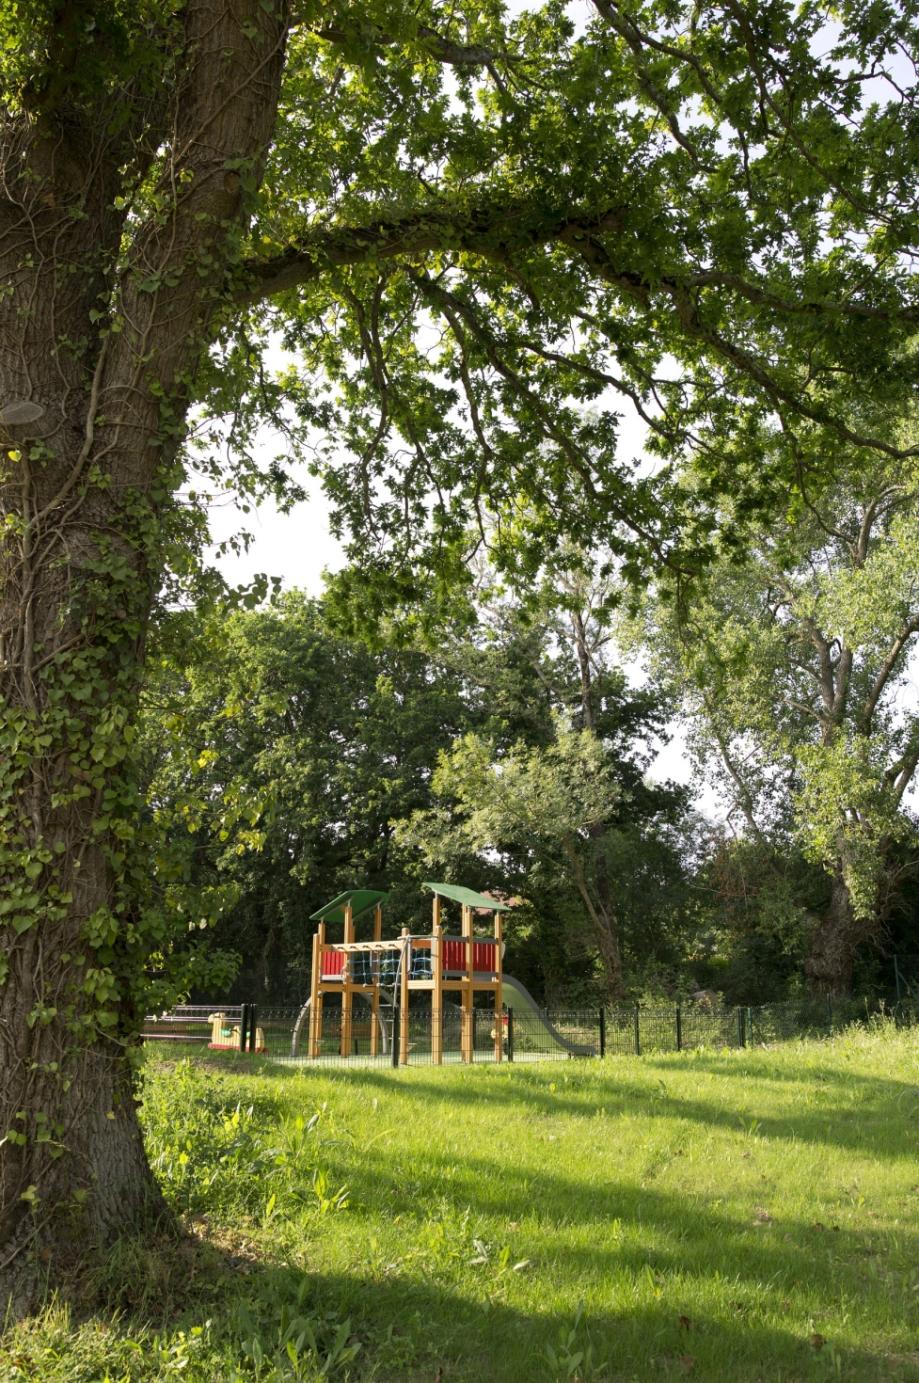 Ferienwohnung Le Domaine du Bois de la Gree 3p5/6p STD (669757), Pornichet, Atlantikküste Pays de la Loire, Pays de la Loire, Frankreich, Bild 28